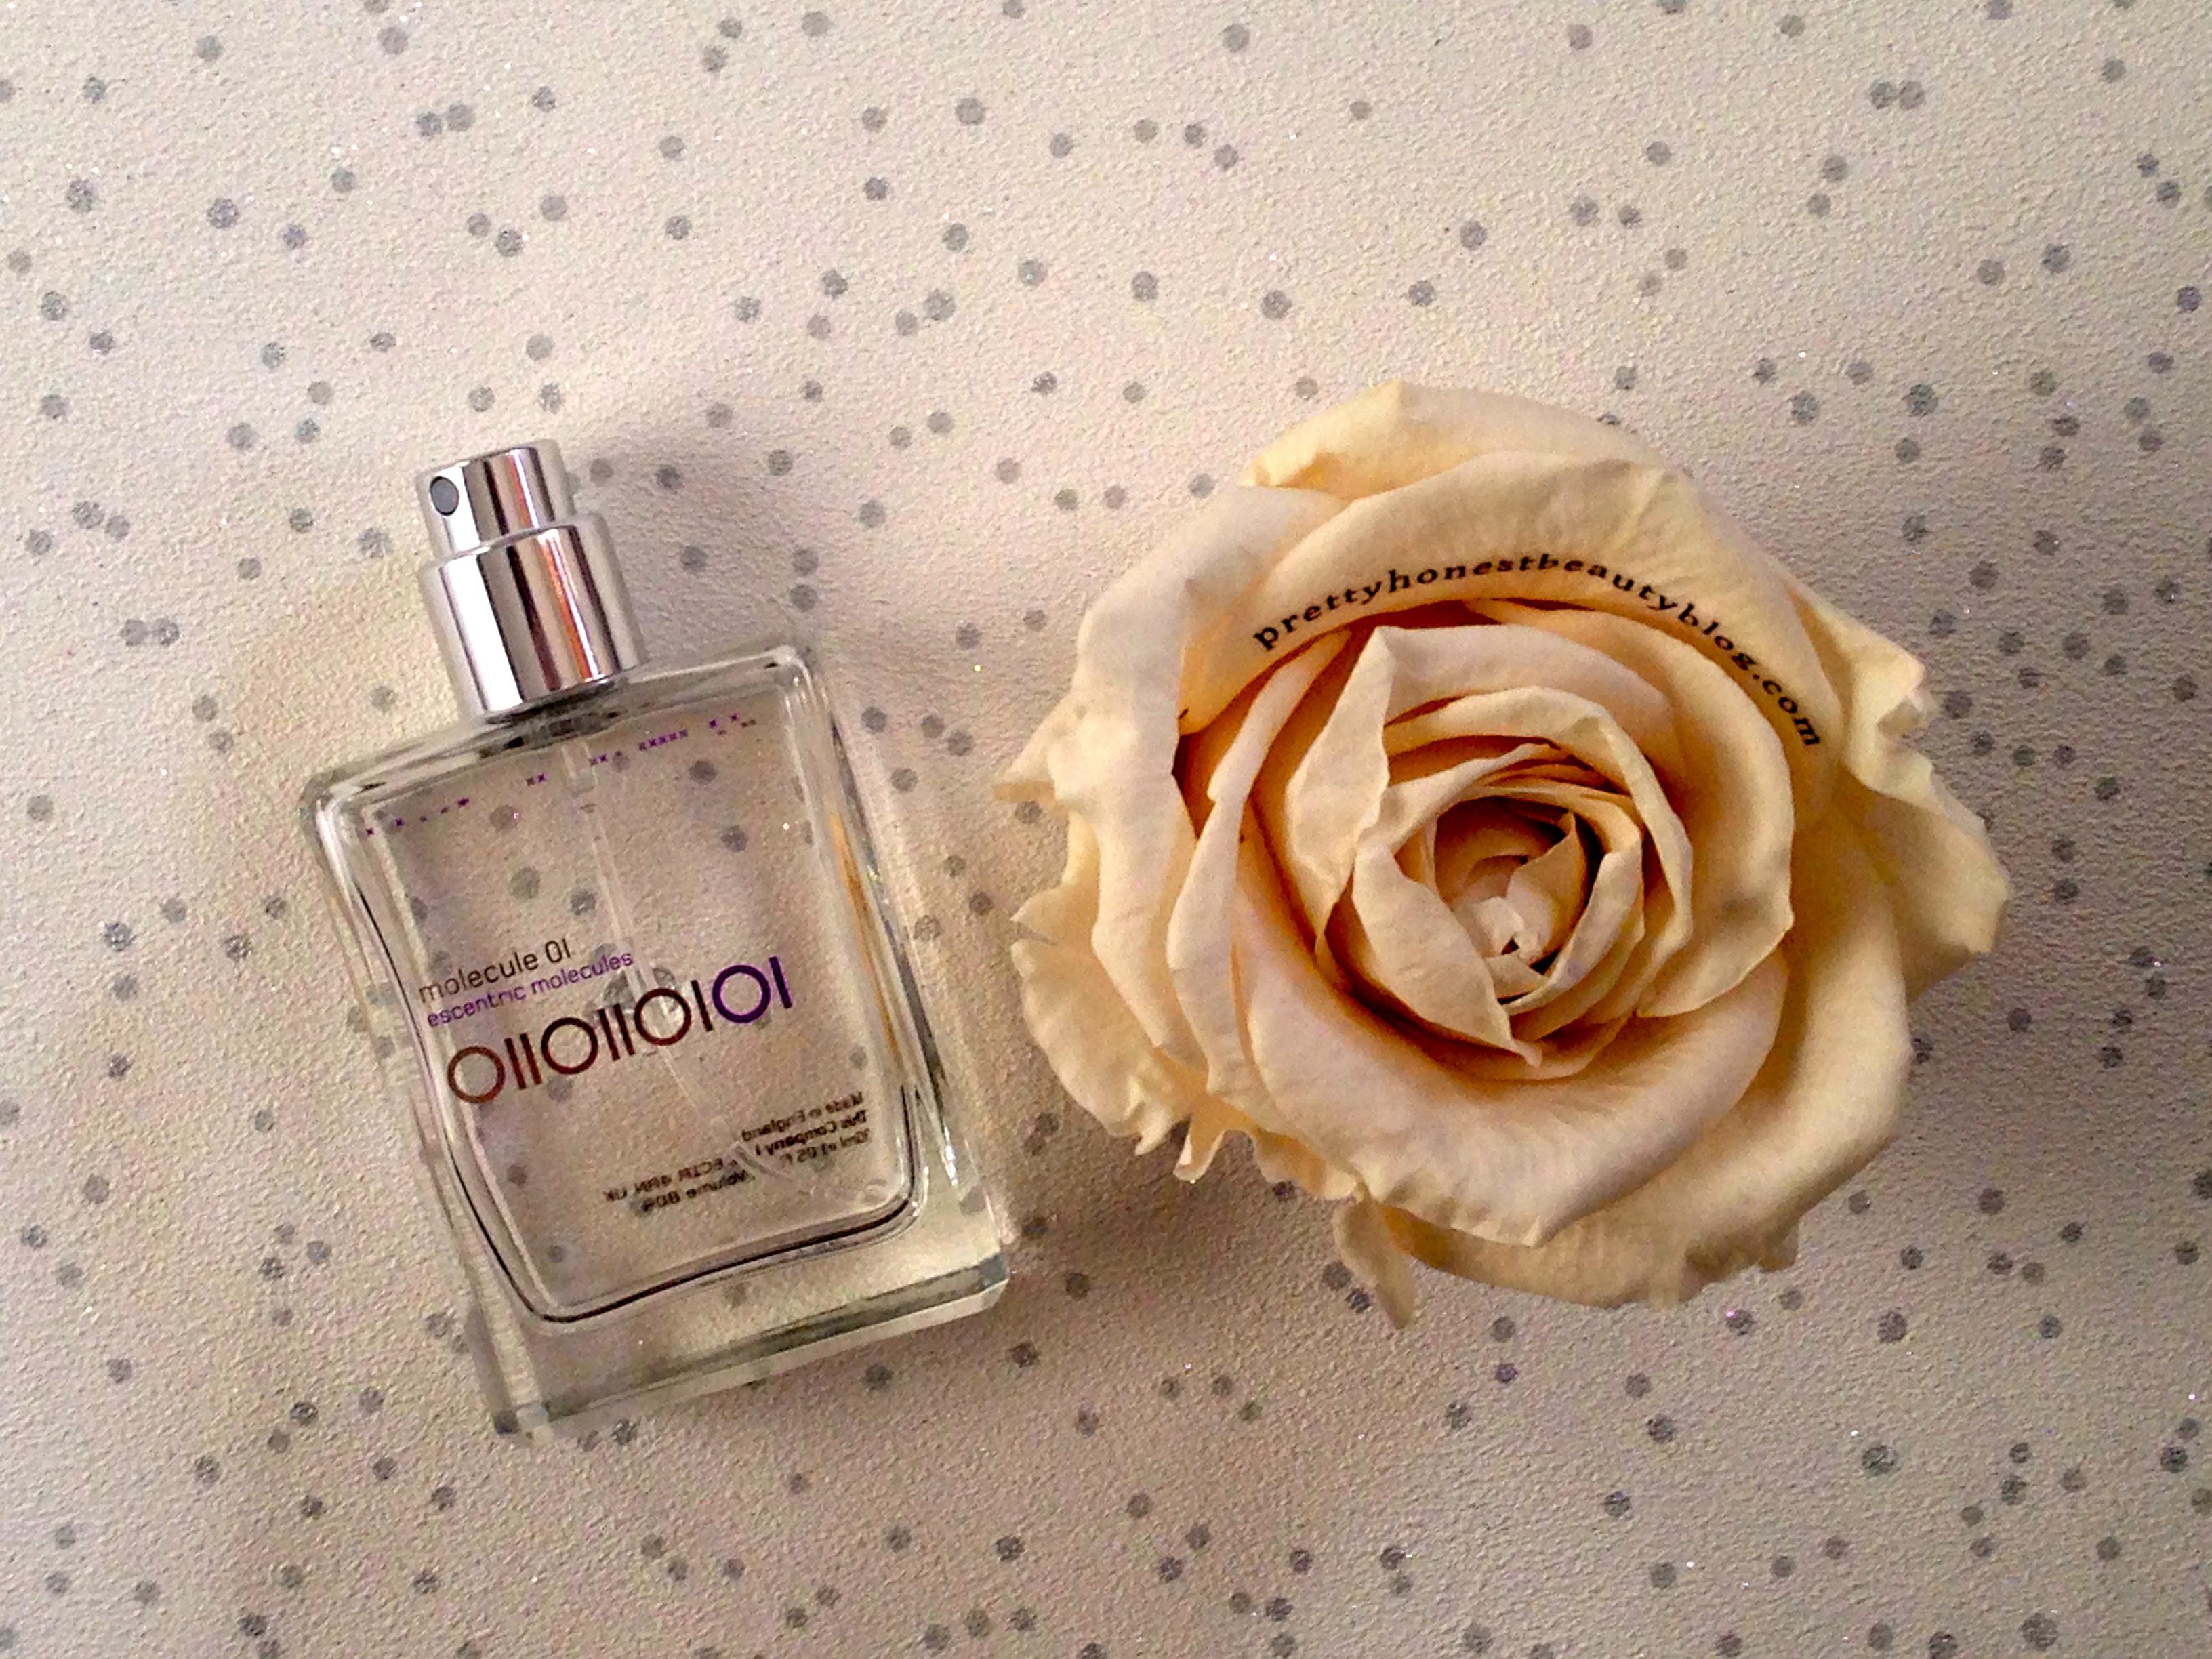 Escentric Molecules Molecule 01 perfume: description, reviews, photos 23